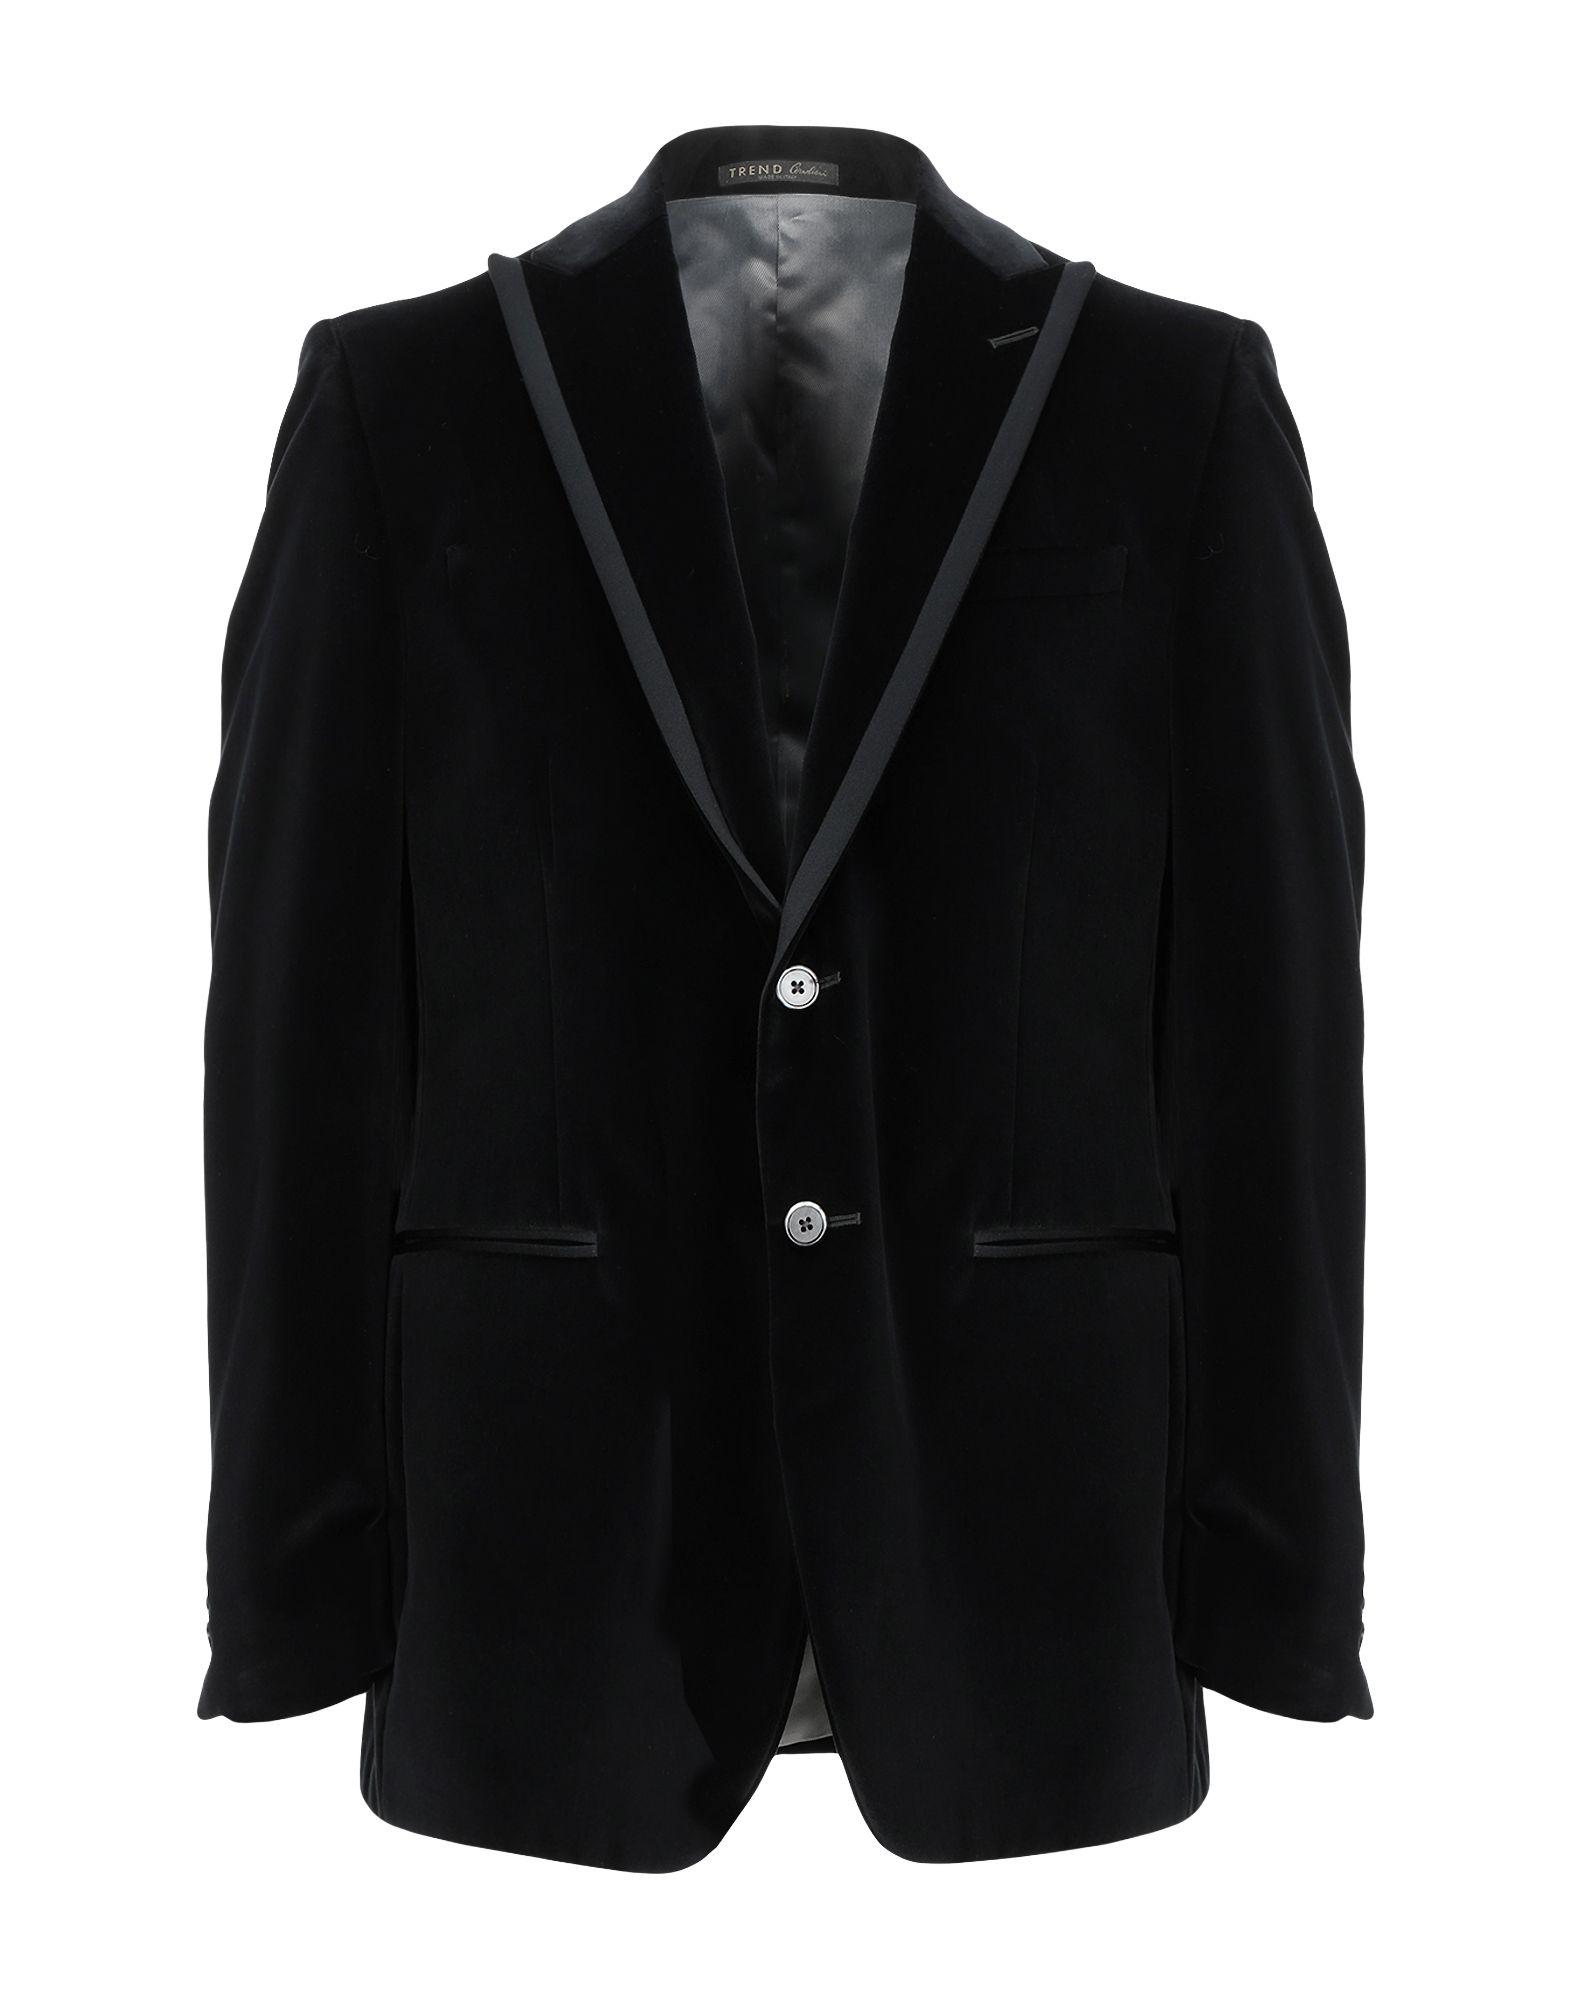 《期間限定セール開催中!》TREND CORNELIANI メンズ テーラードジャケット ブラック 54 コットン 100%